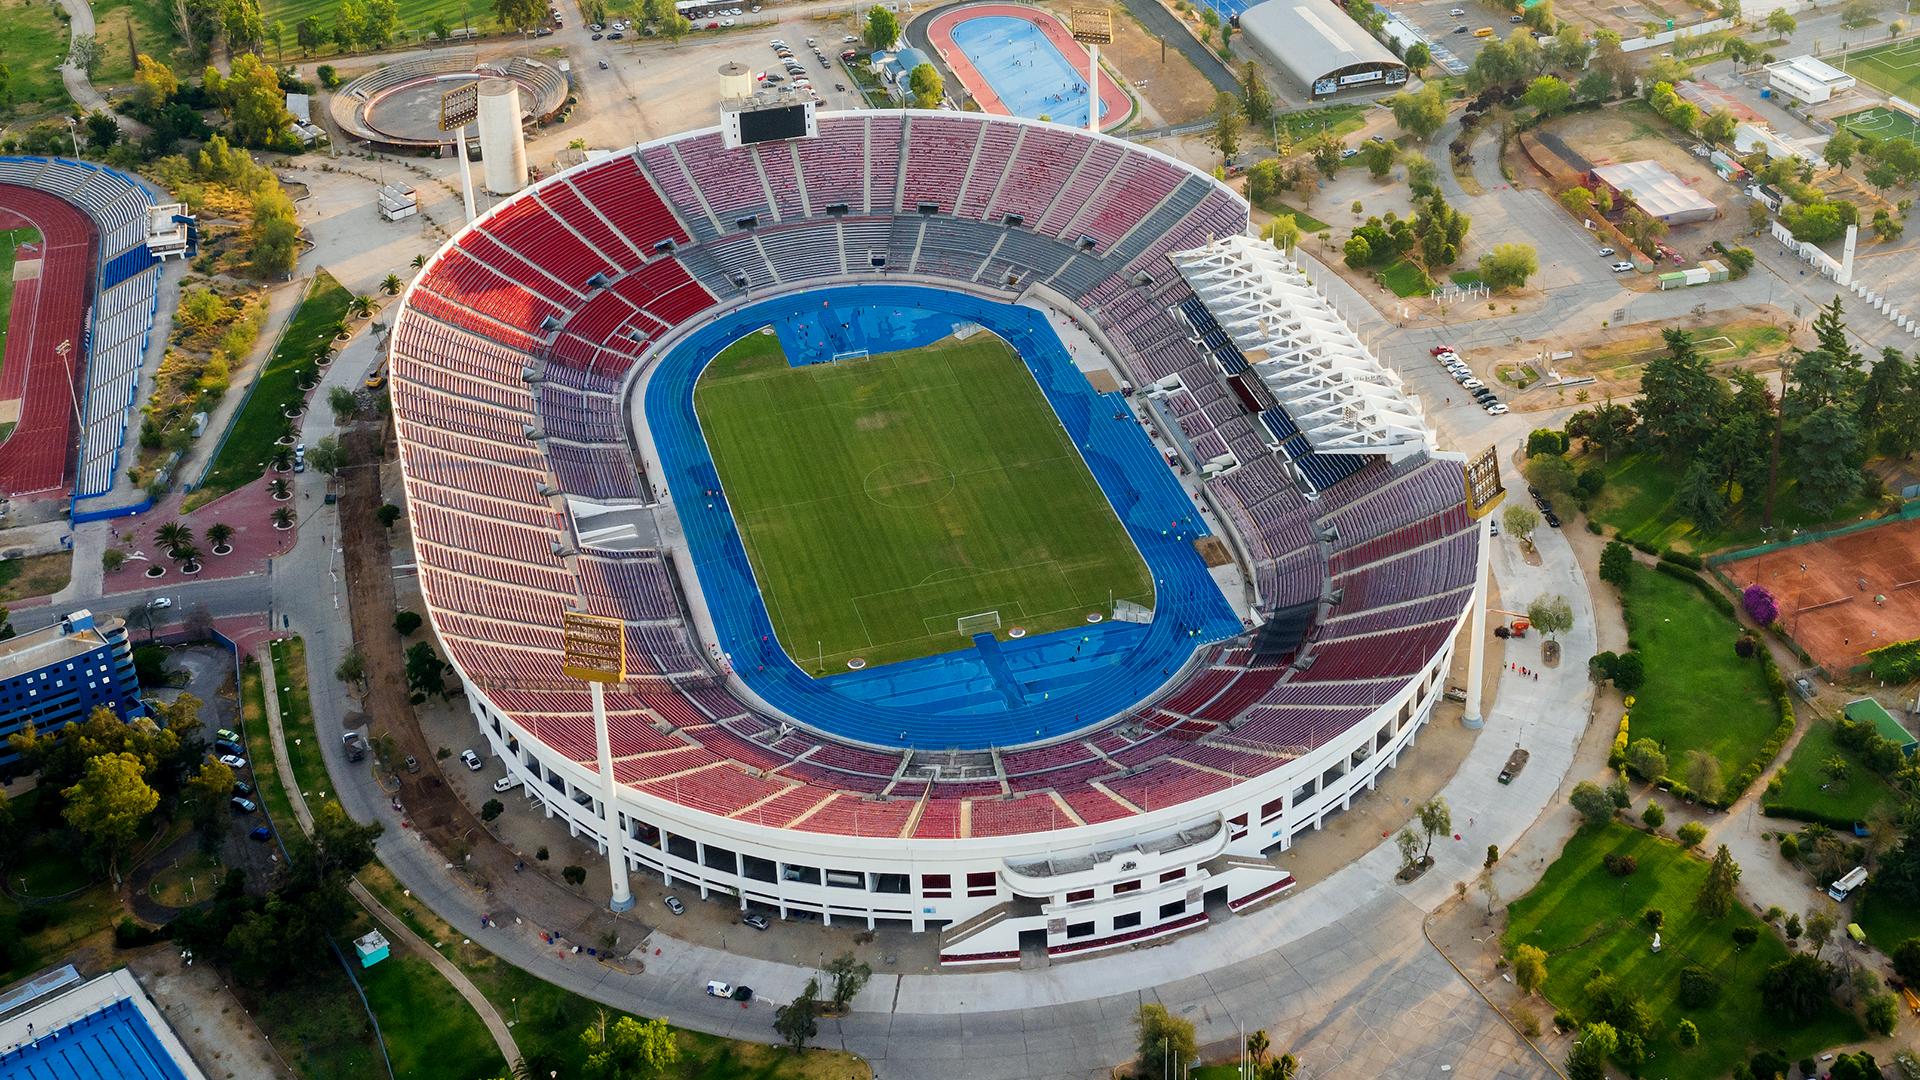 PUESTO 5 - 219 PARTIDOS / Estadio Nacional de Santiago, Chile